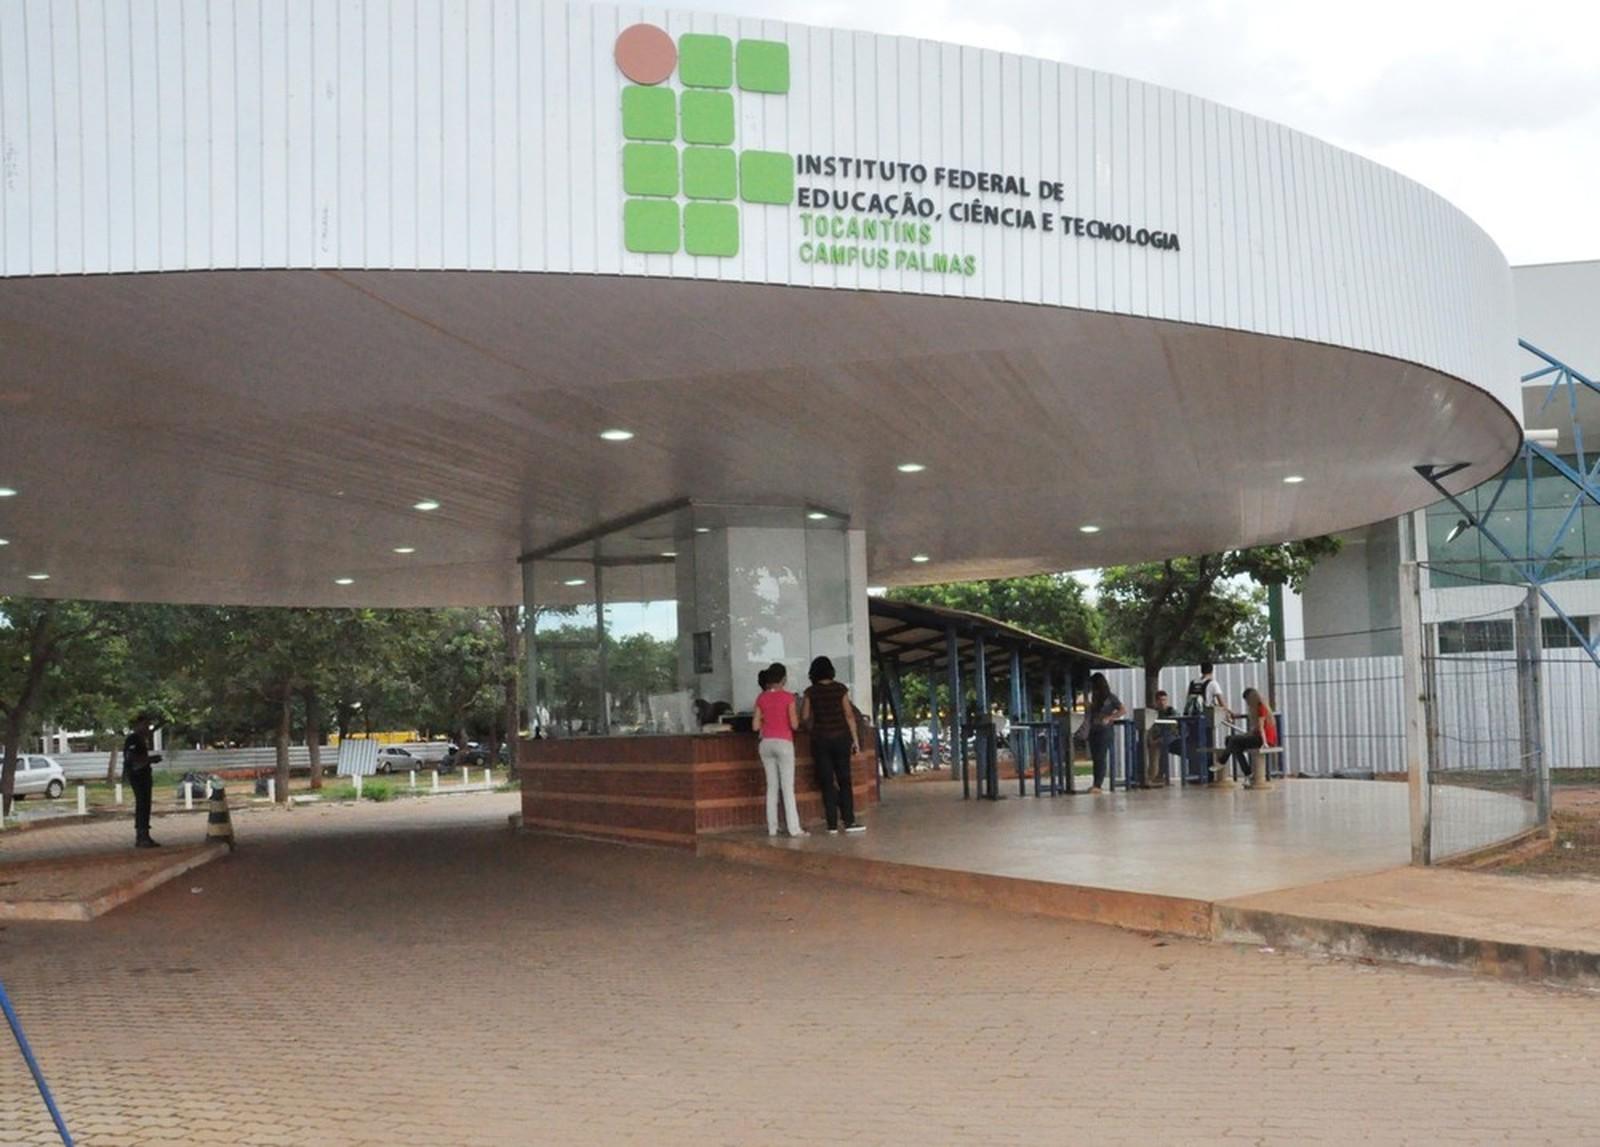 IFTO seleciona tradutor e intérprete de Libras com salário de R$ 4,1 mil